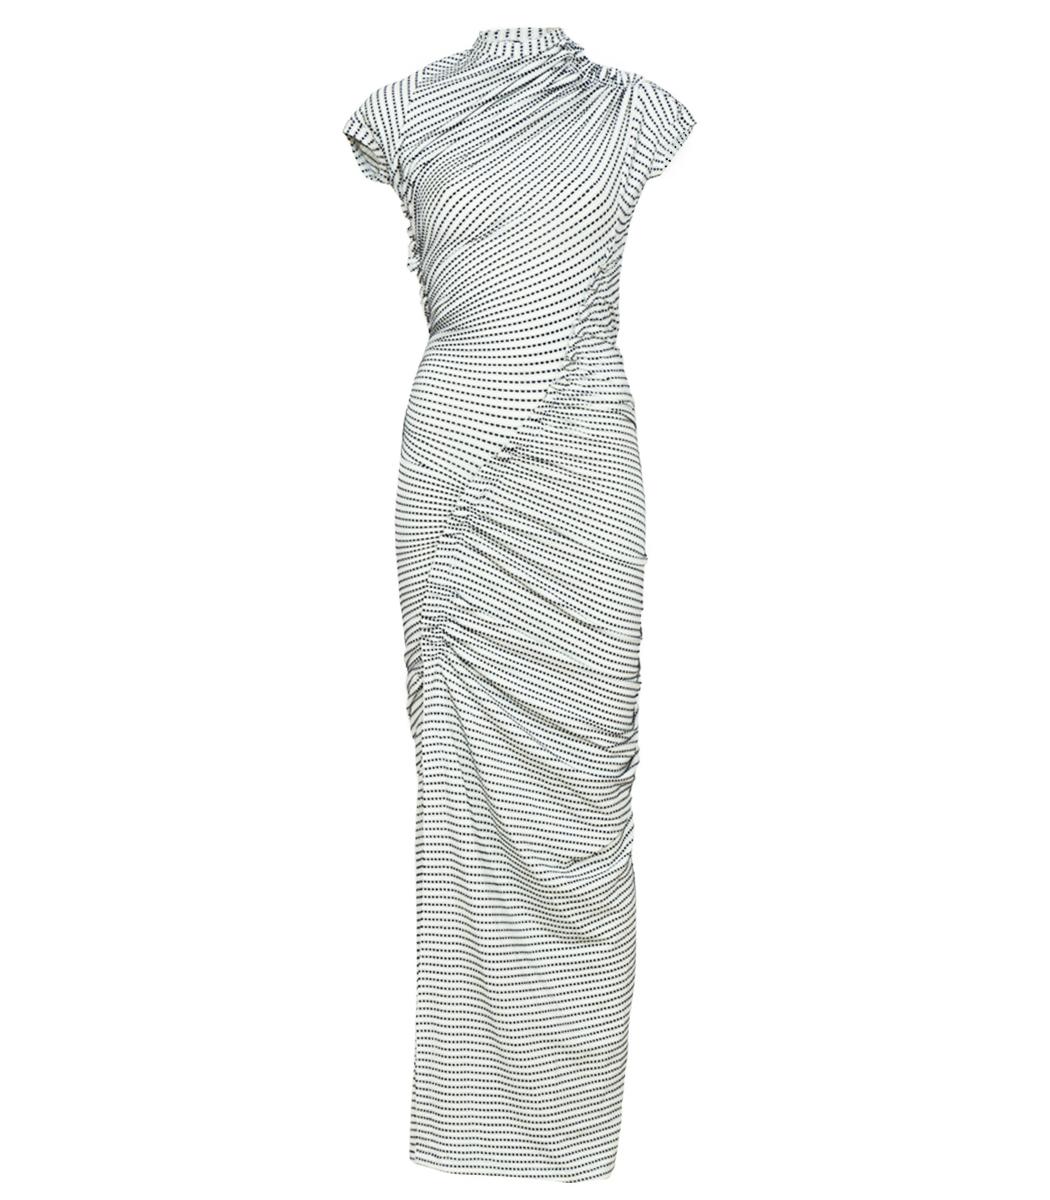 Atlein Black White Polka Dot Dress